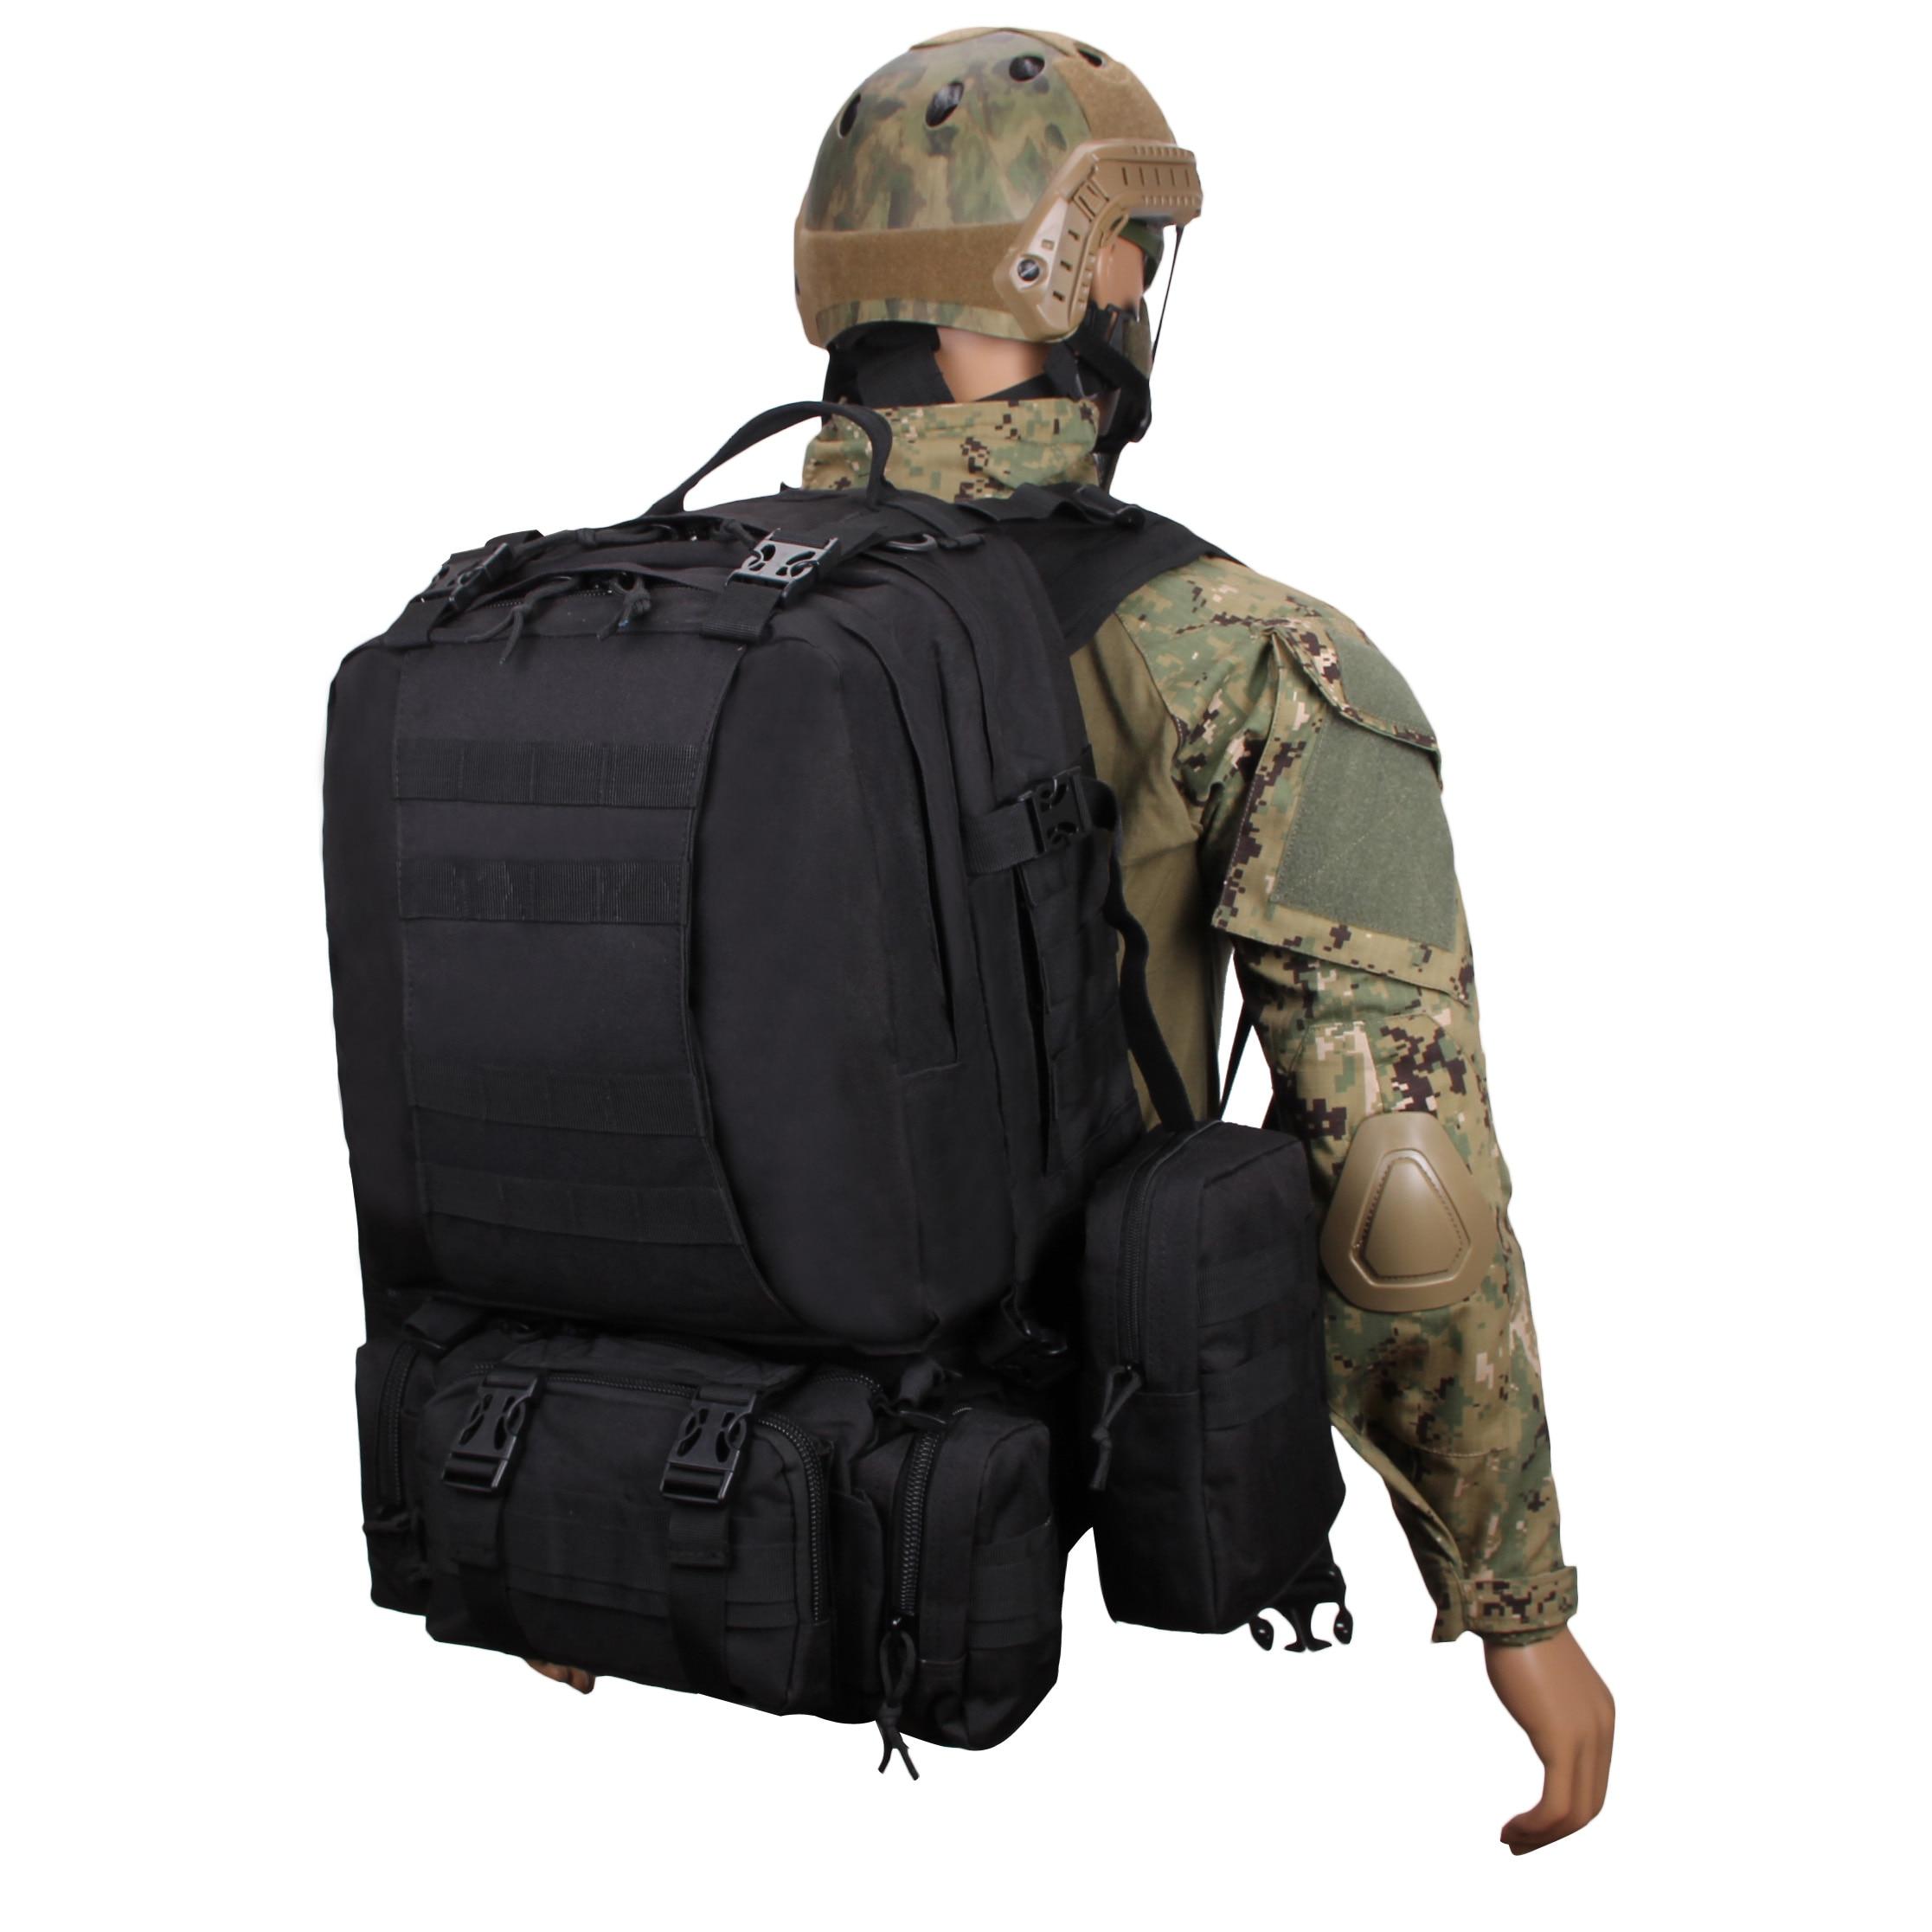 45L большой комбинированный рюкзак Тактическая Военная облегченная модульная система переноски снаряжения Кемпинг туристический рюкзак то...